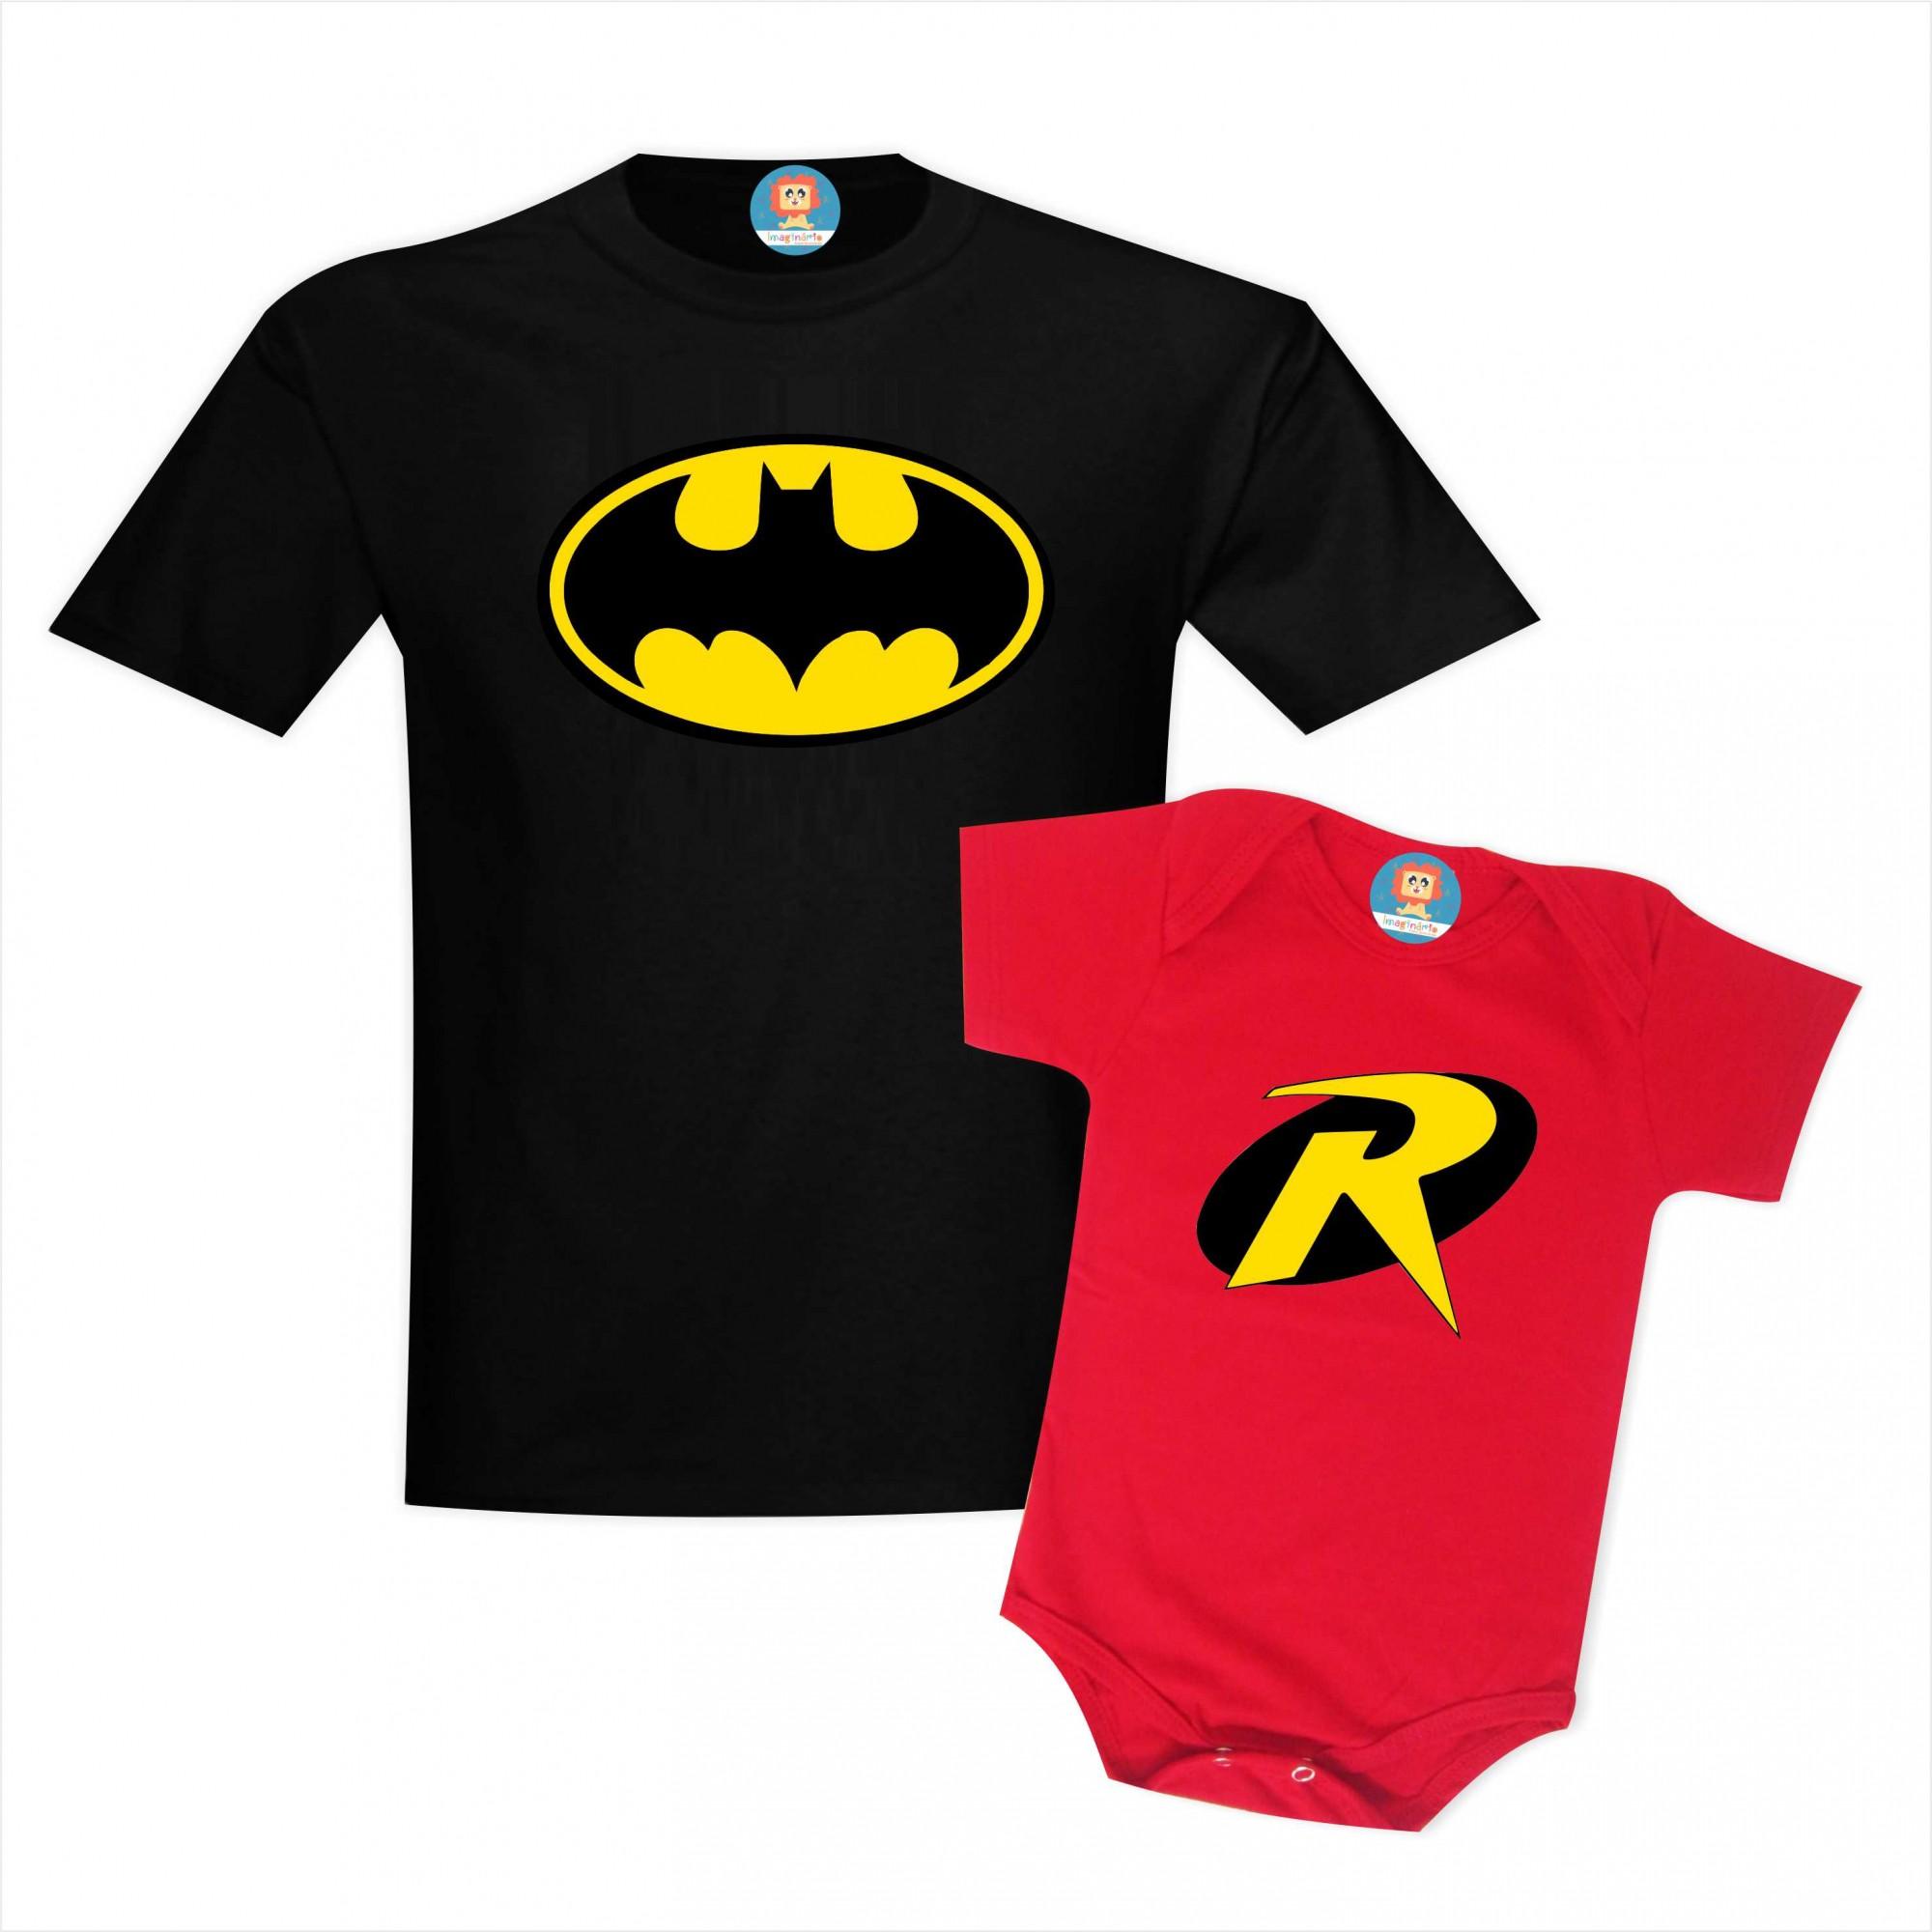 Kit Camiseta e Roupinha de Bebê Batman e Robin Dia dos Pais Tal Pai e Filho